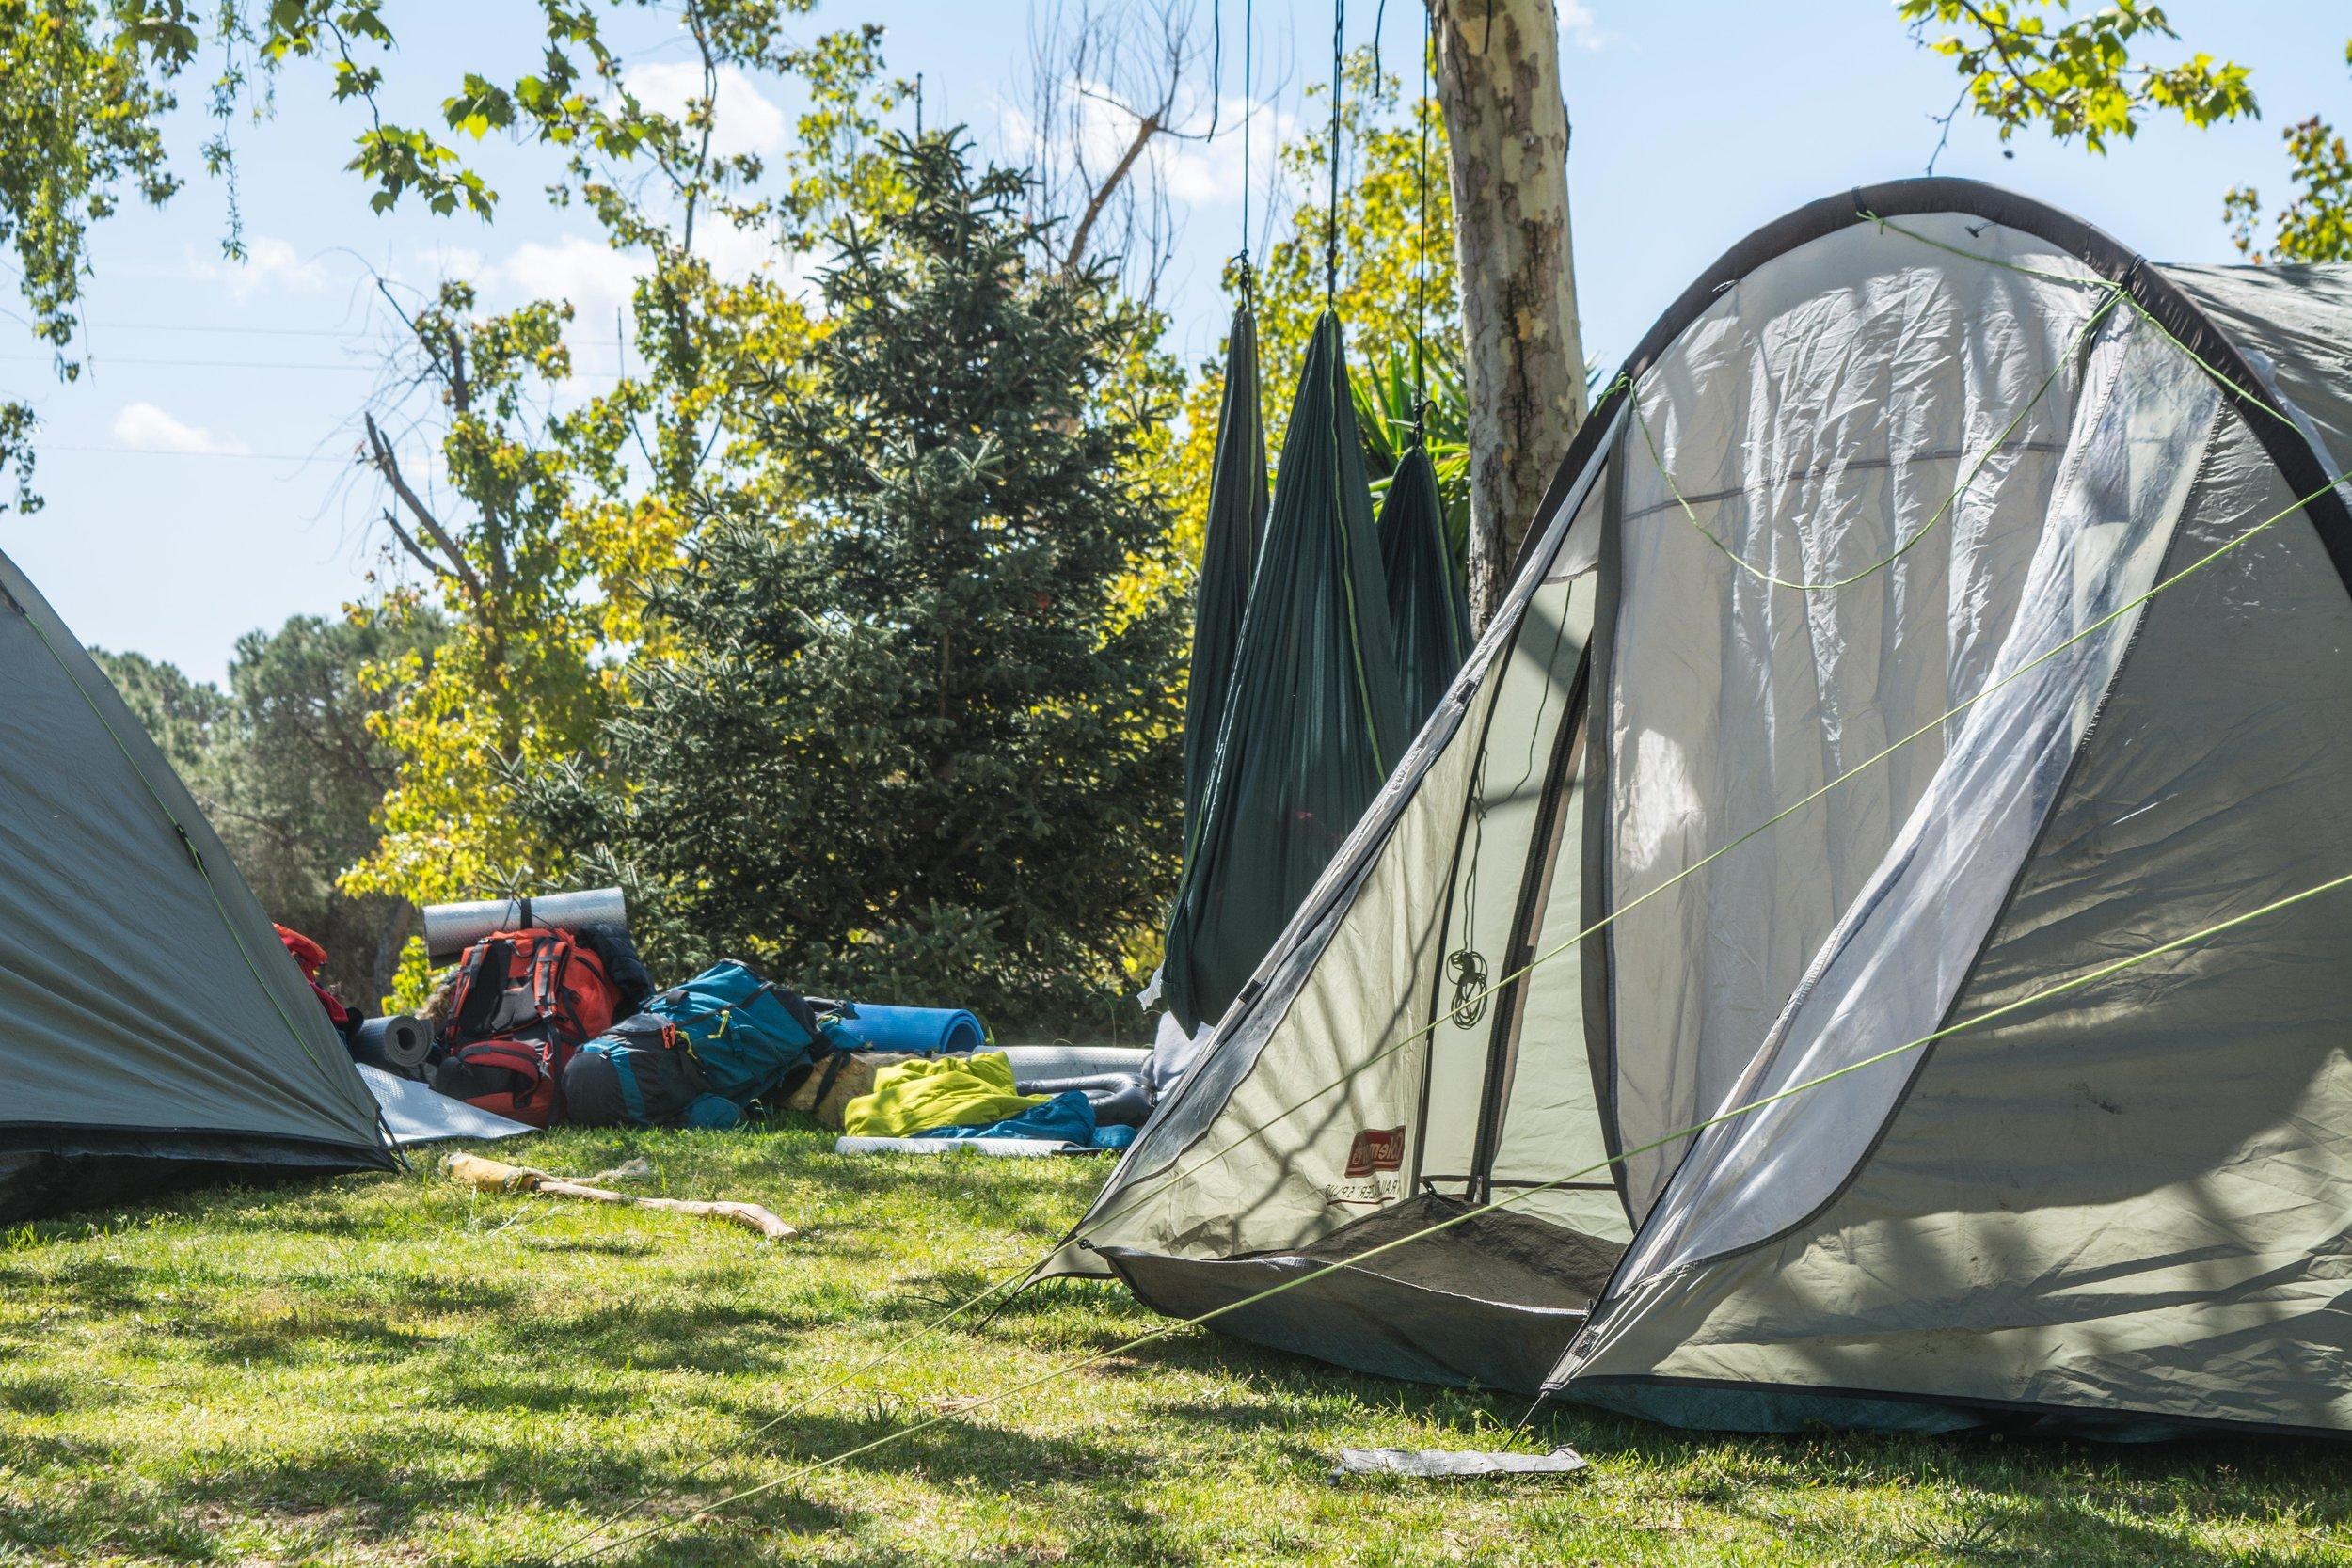 Descuentos en campamentos % - Precios especiales para campamentos_Disfruta de inolvidables campamentos de verano llenos de actividades para disfrutar en grupo con un precio especial.